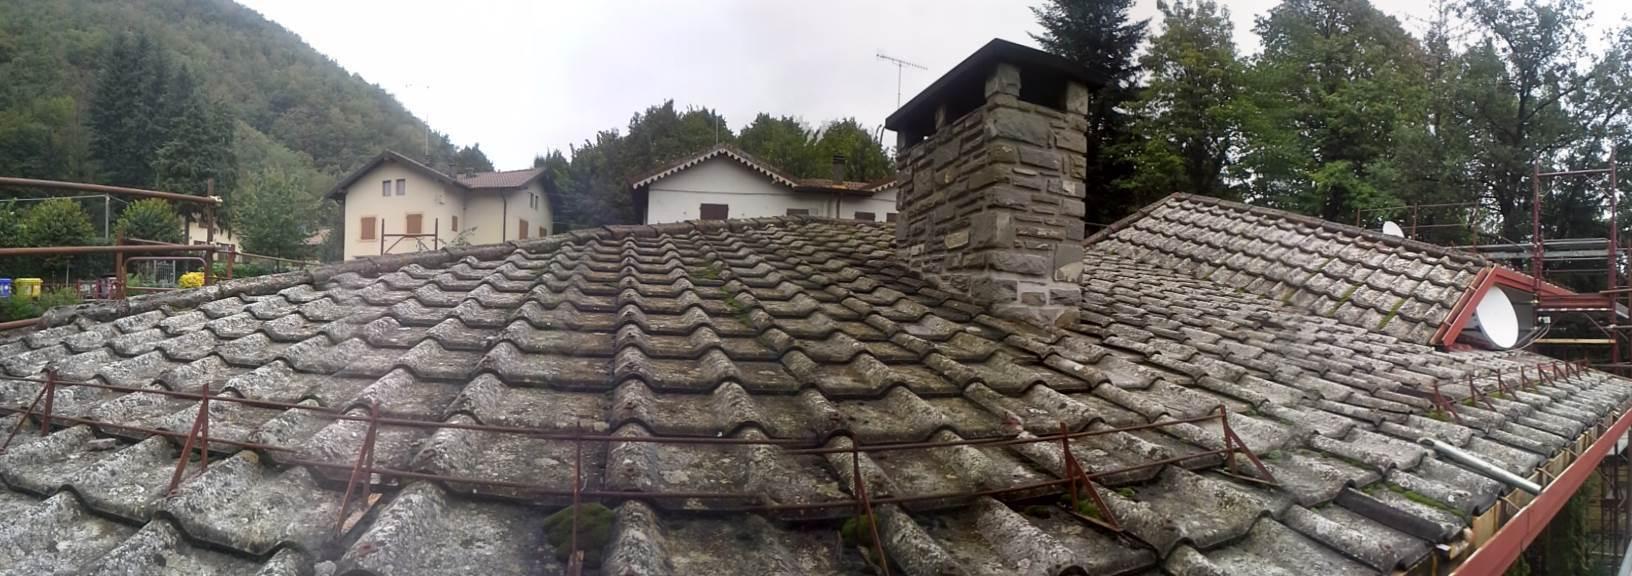 Rifacimento tetto per abitazione civile asap for Tettoia inclinata del tetto